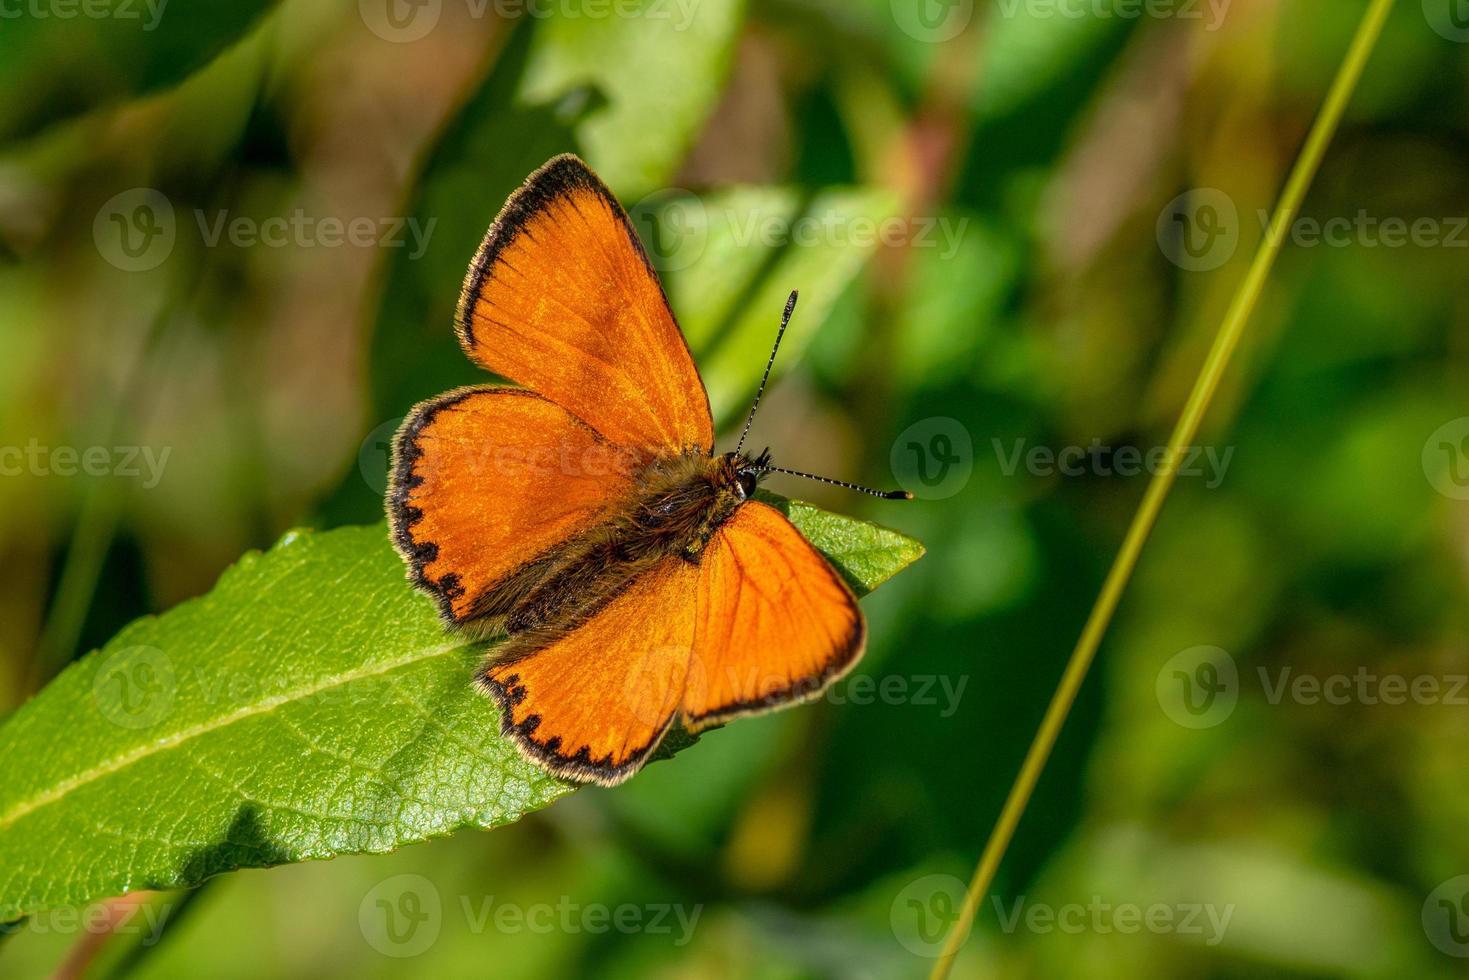 farfalla di rame seduto su una foglia verde foto